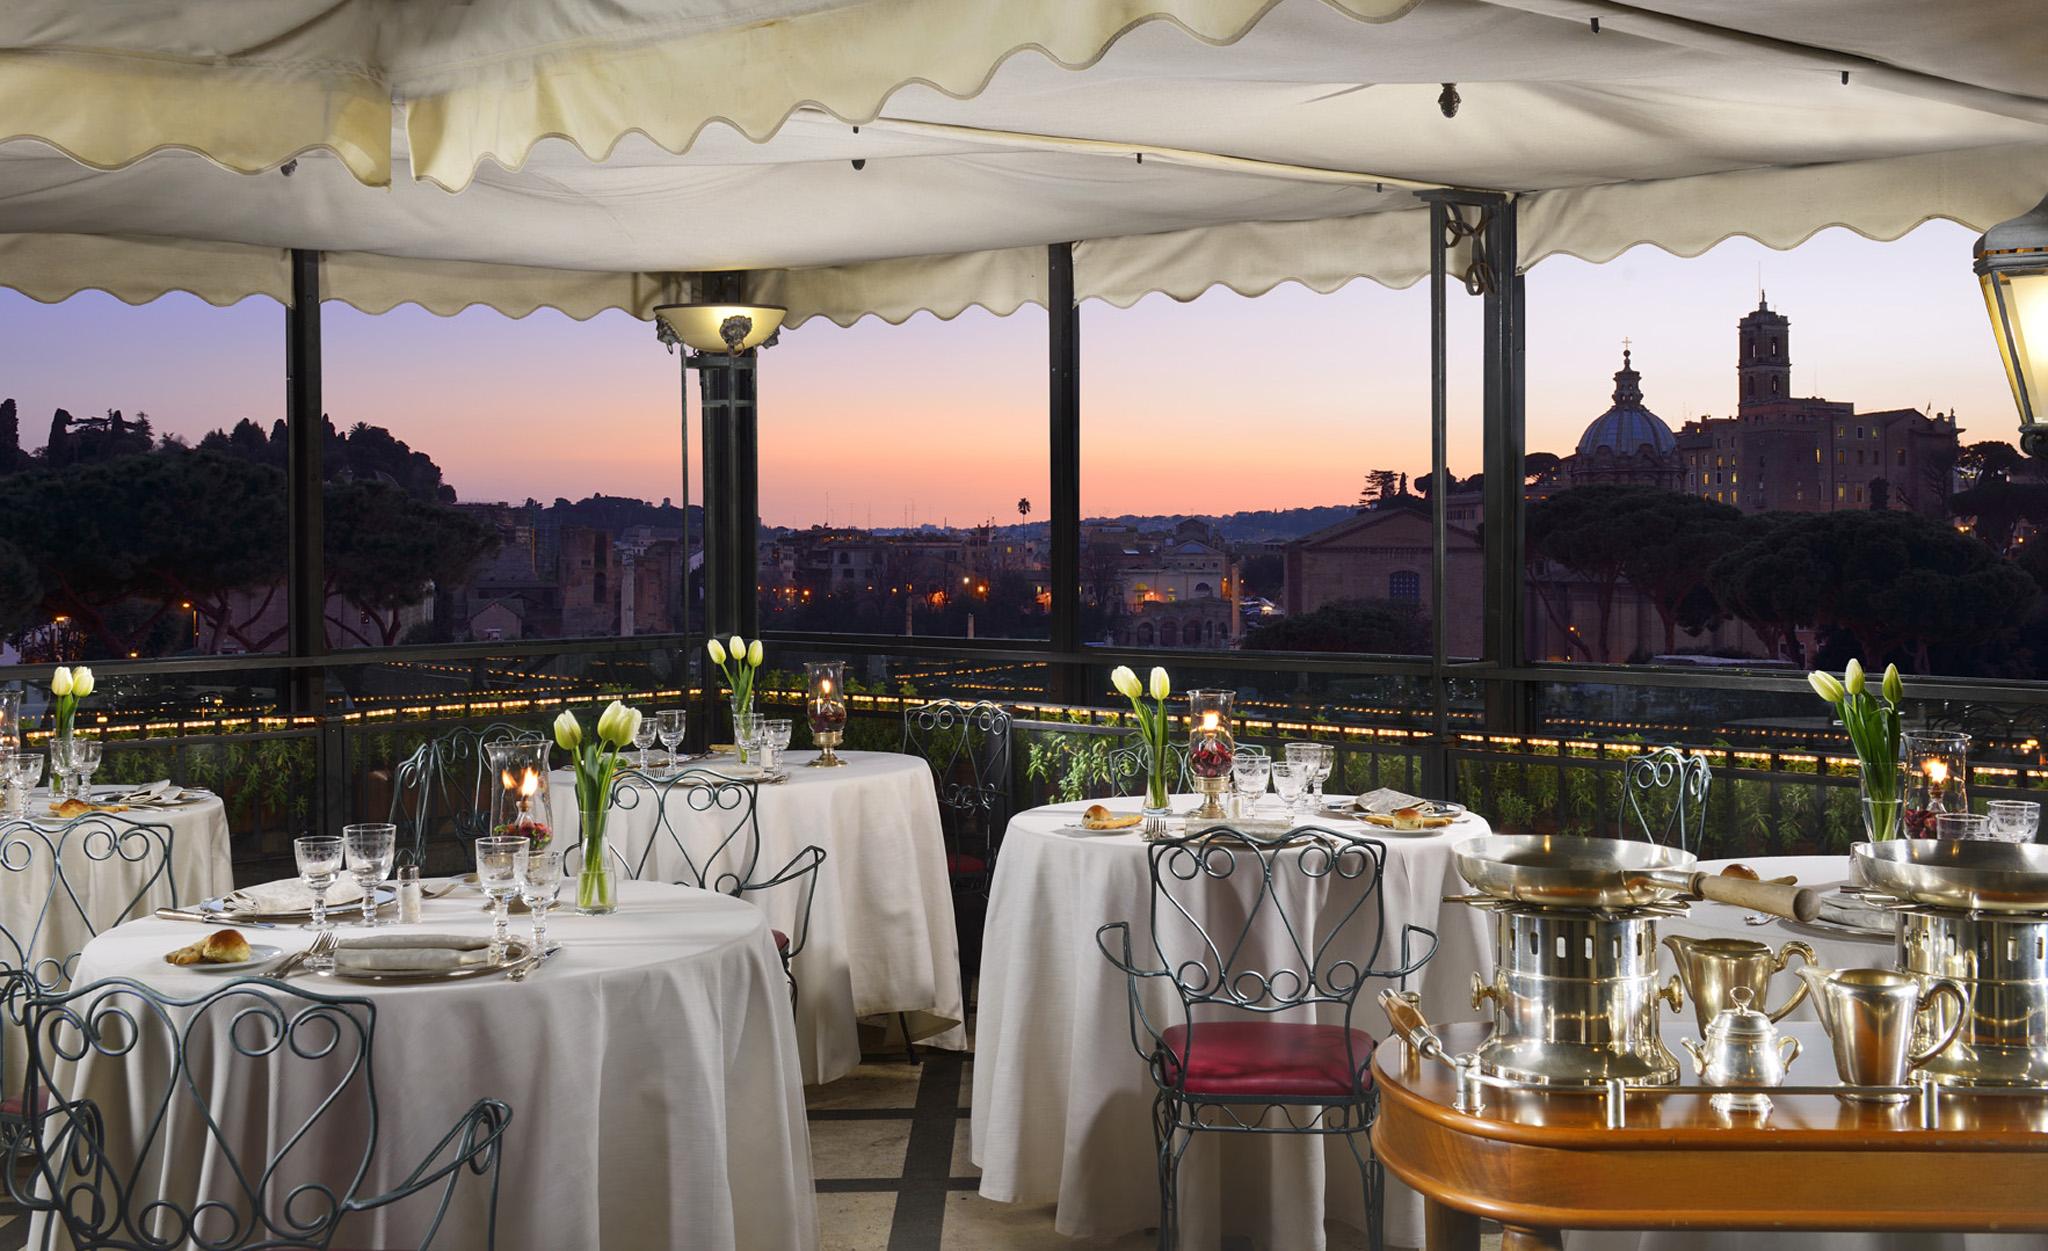 Delicieux Roof Garden Hotel Forum, Rome